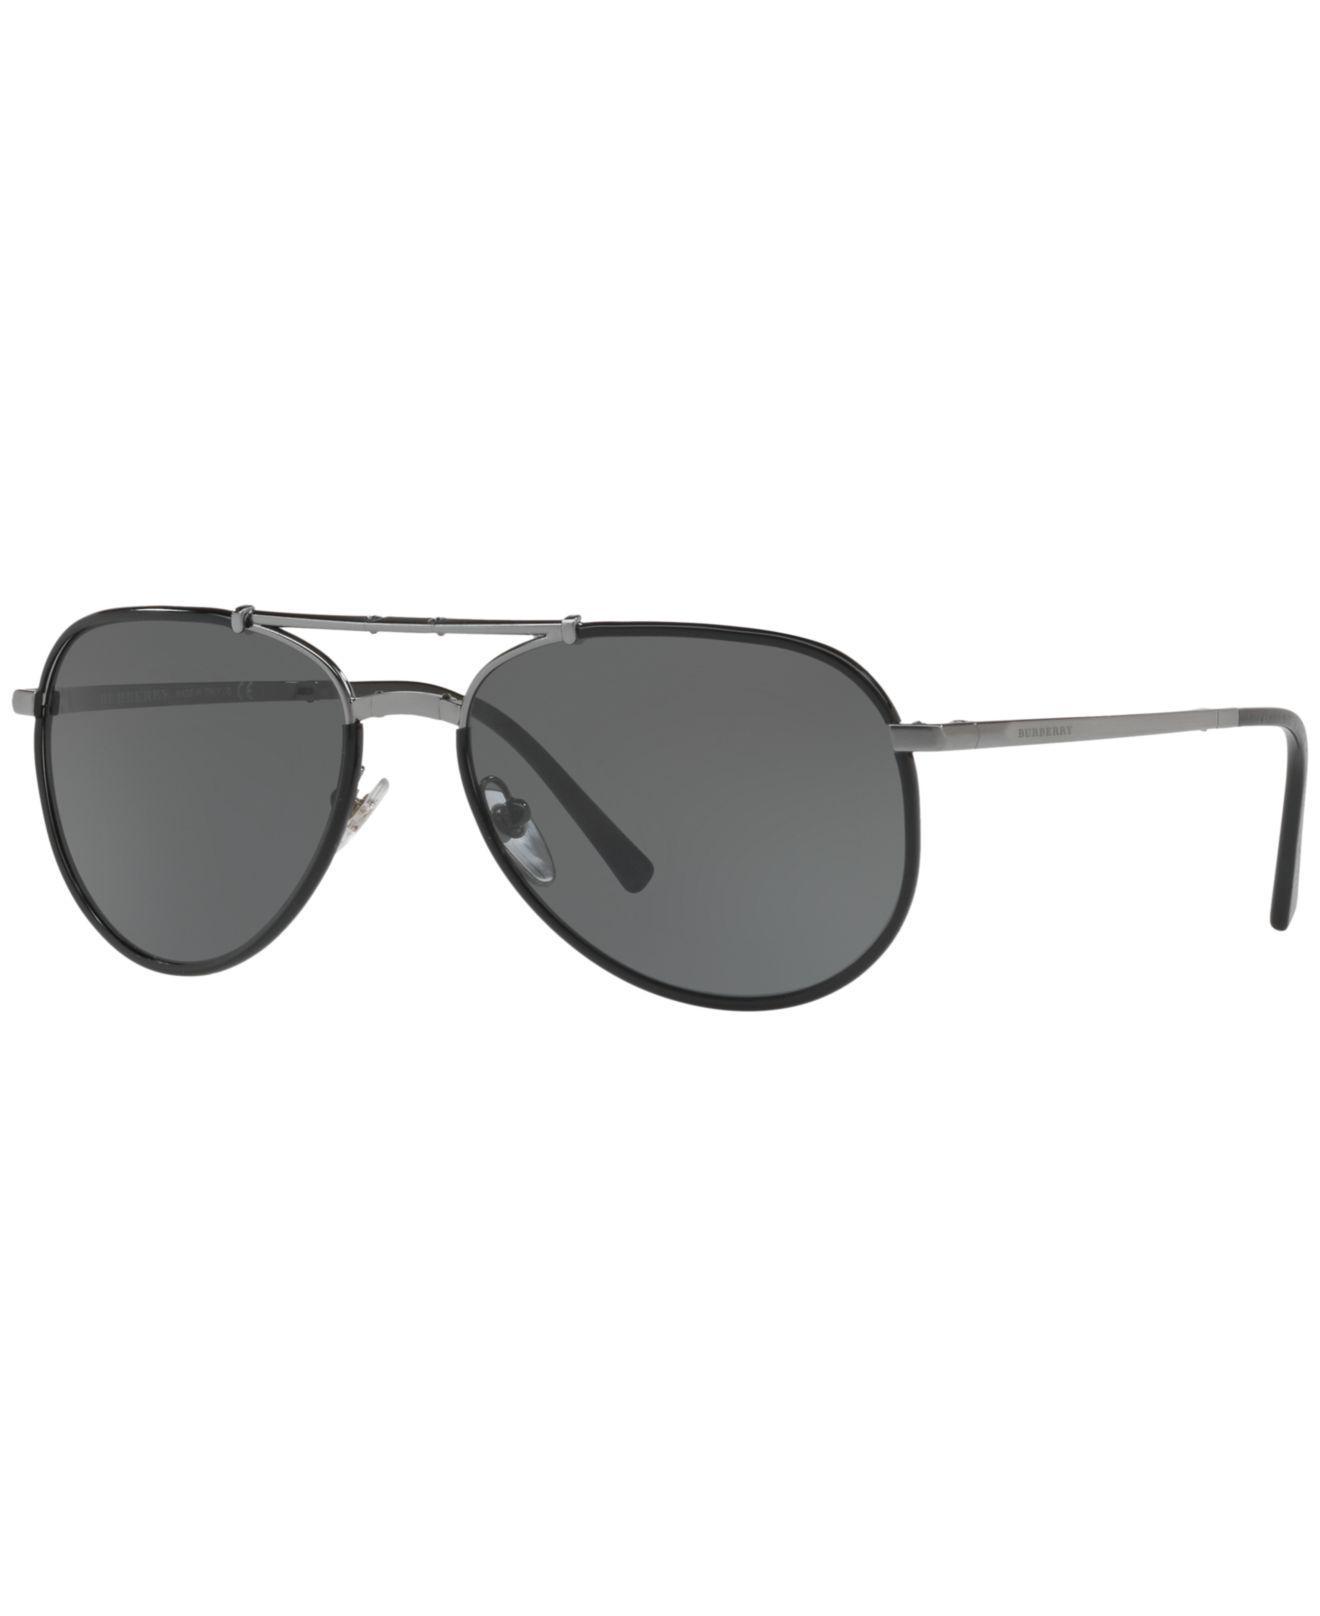 8ce67017a26e Burberry. Men s Gray Sunglasses ...